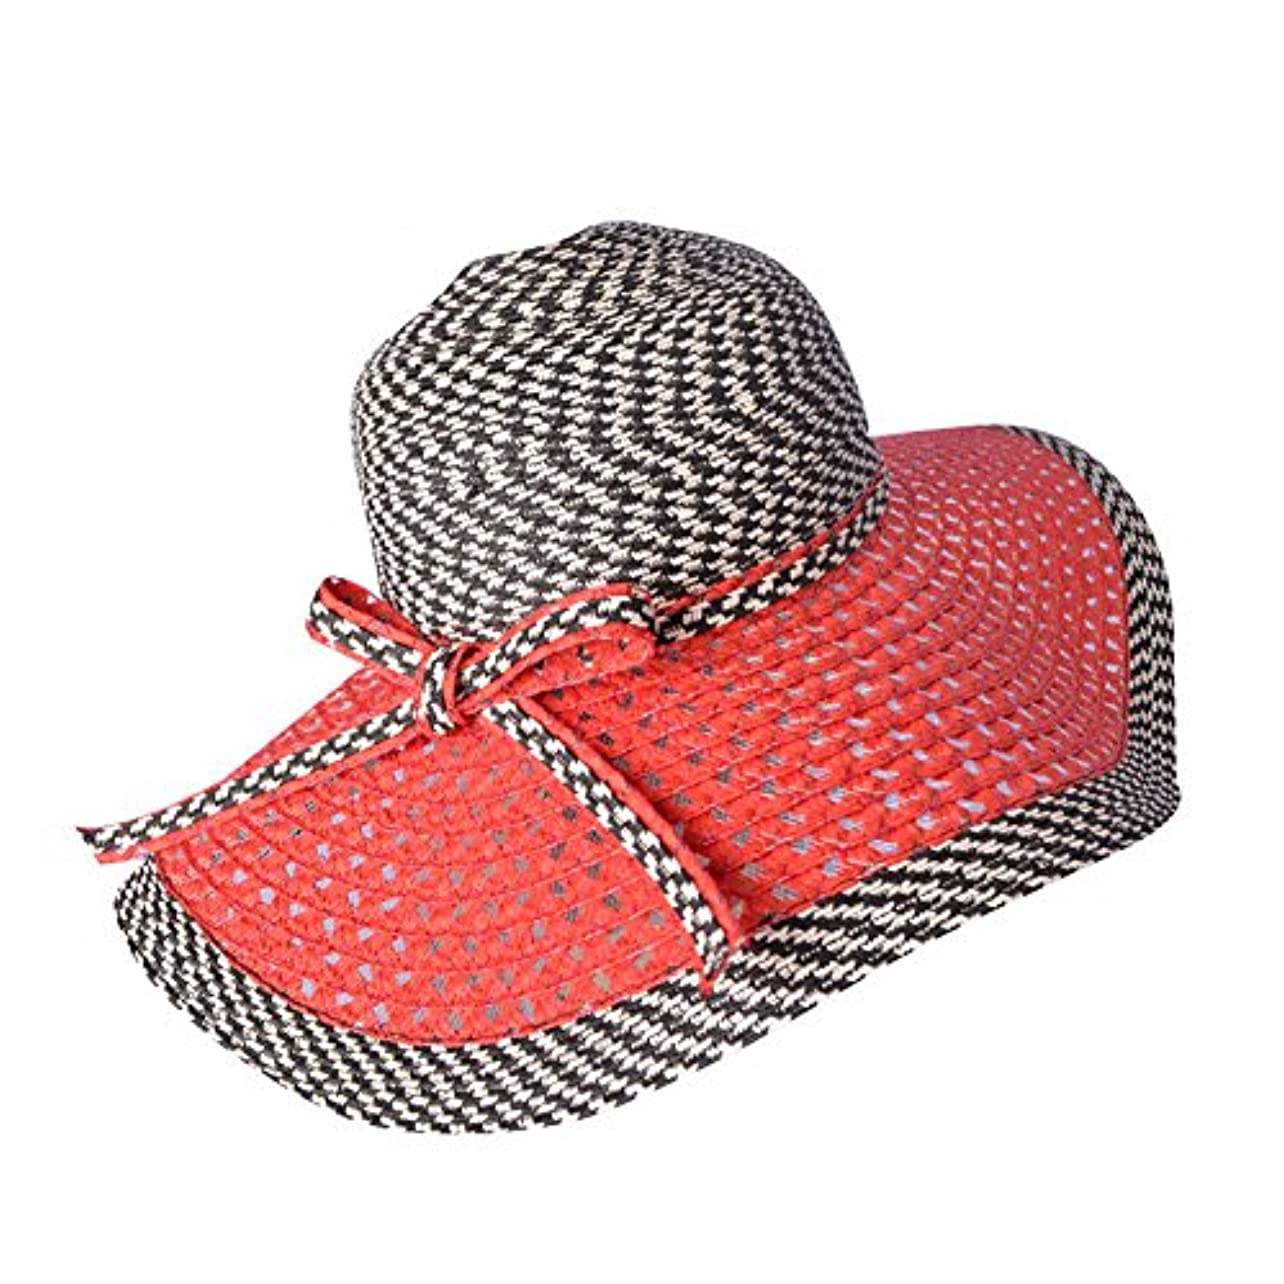 ホーンアクチュエータメルボルンWomen 's Braid Straw Wide Brim Fedora帽子UPF 50 +サマービーチキャップ